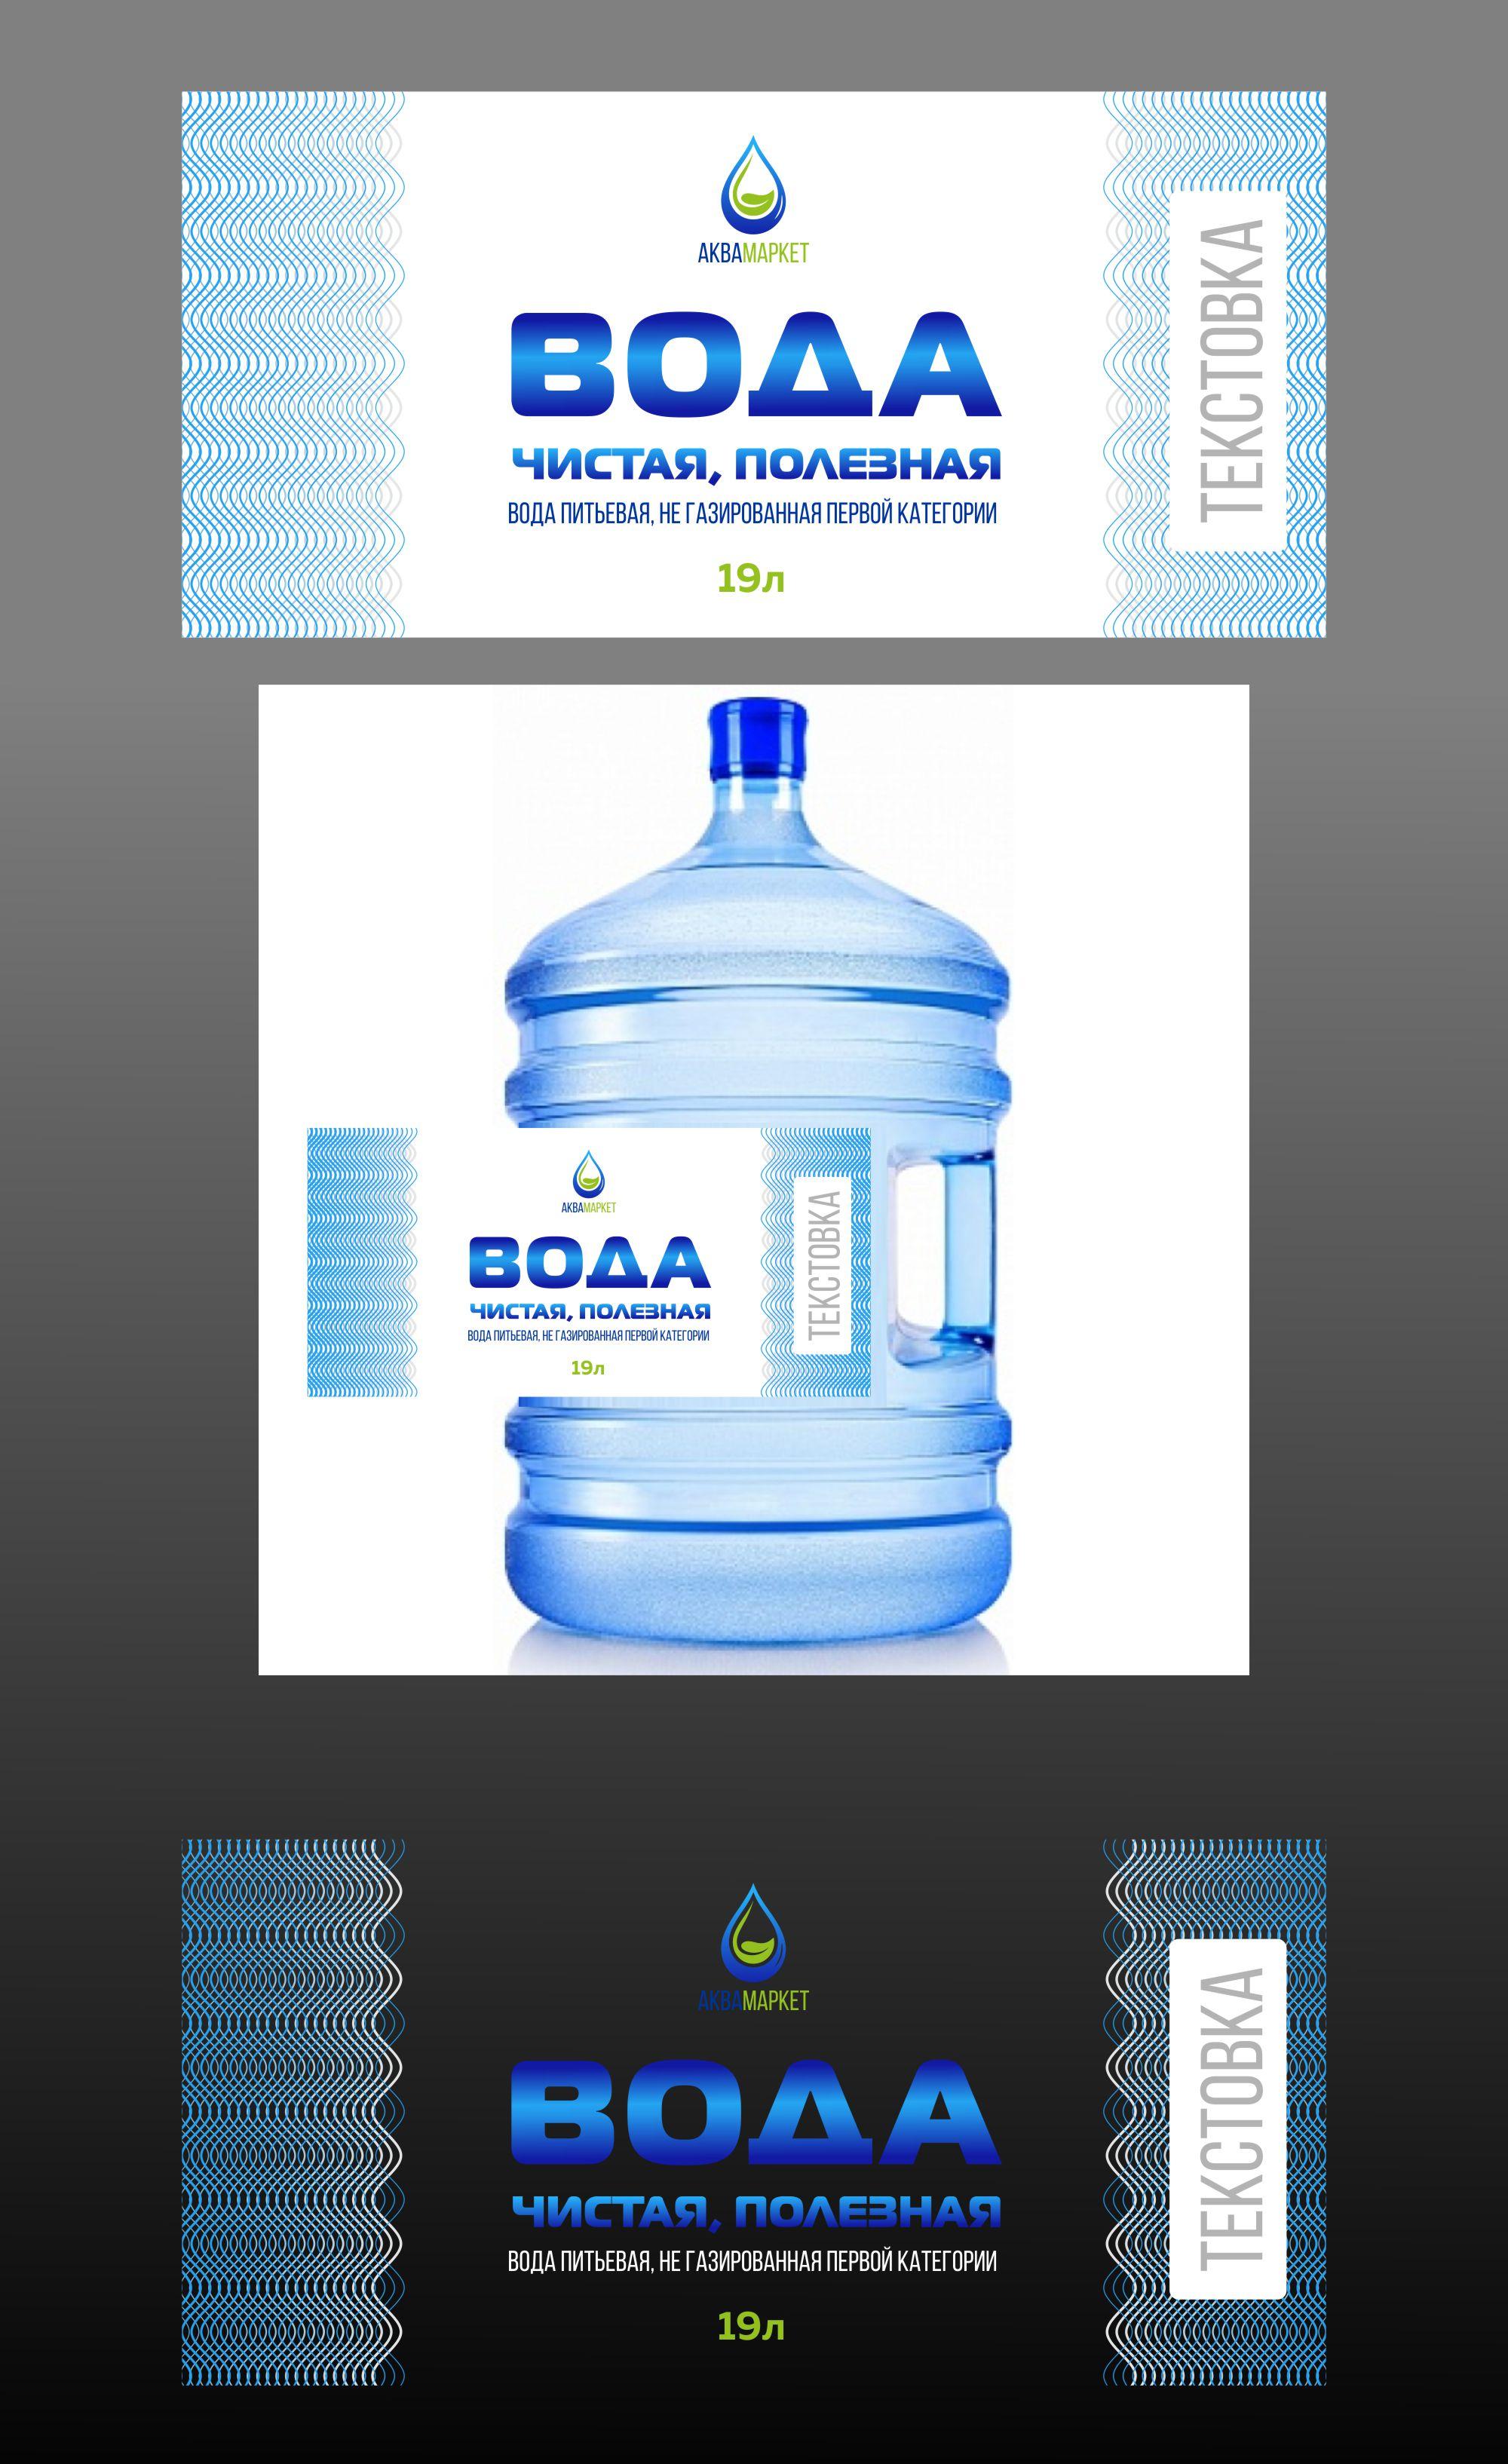 Разработка этикетки для питьевой воды в 19 литровых бутылях фото f_1835efee9ff7524c.jpg